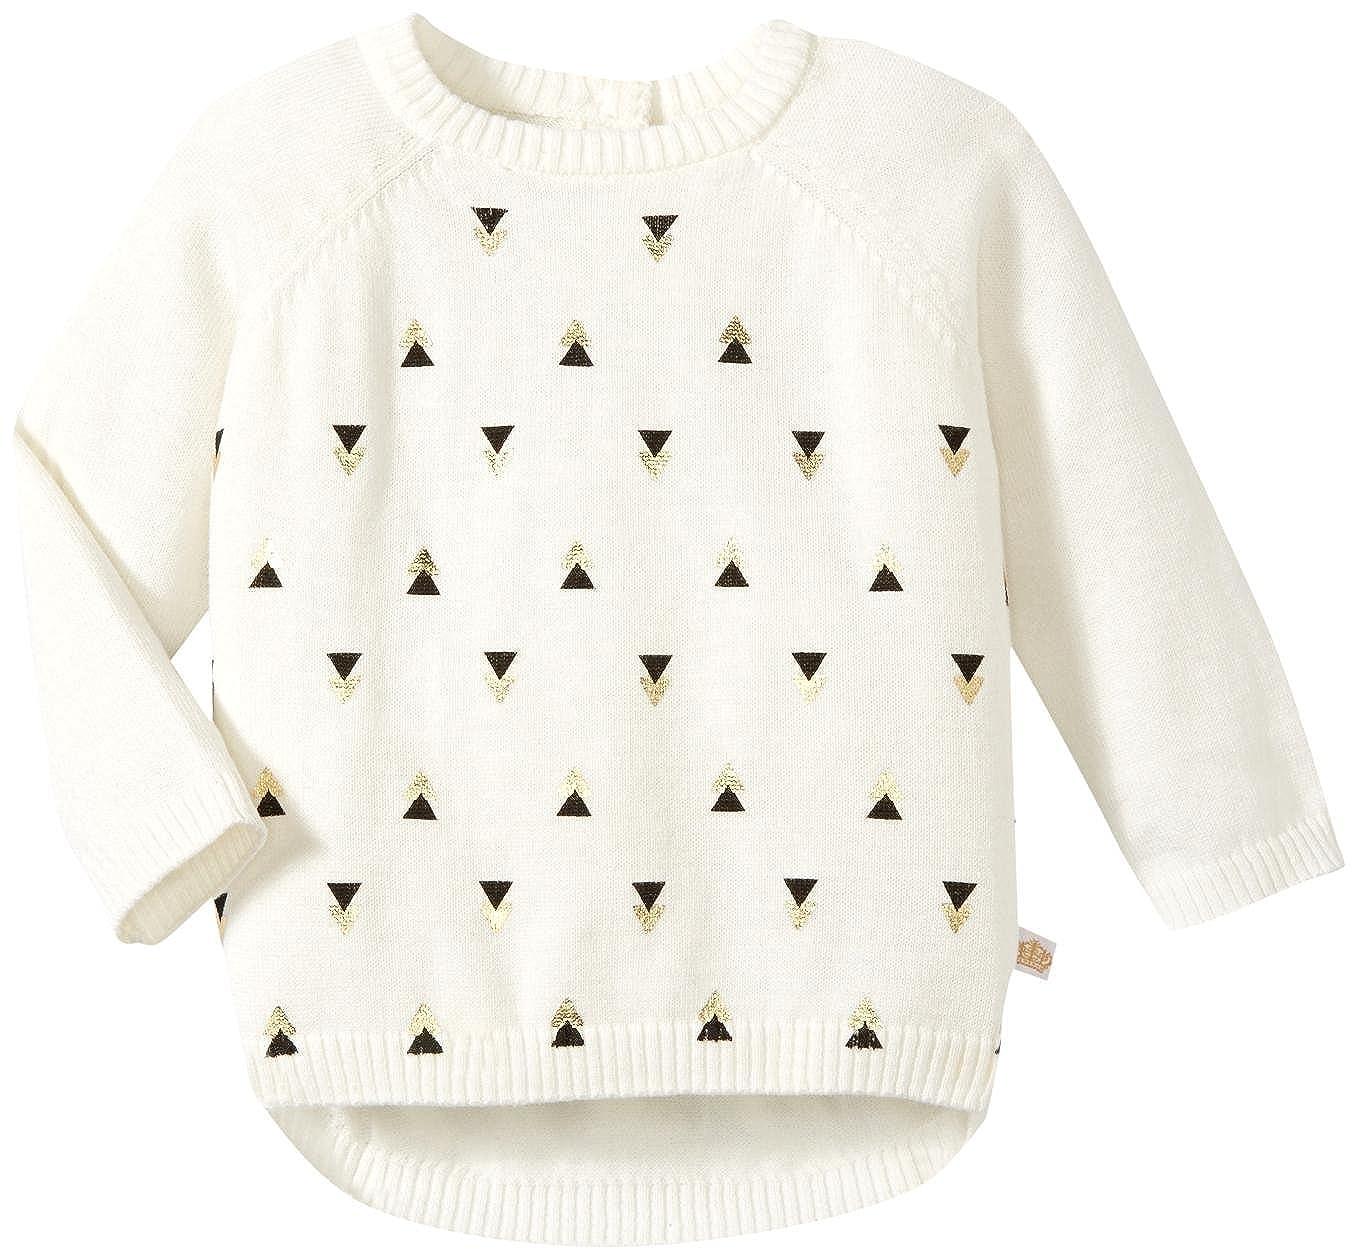 Rosie Pope Baby Baby Girls Sweater Rpb10031-09